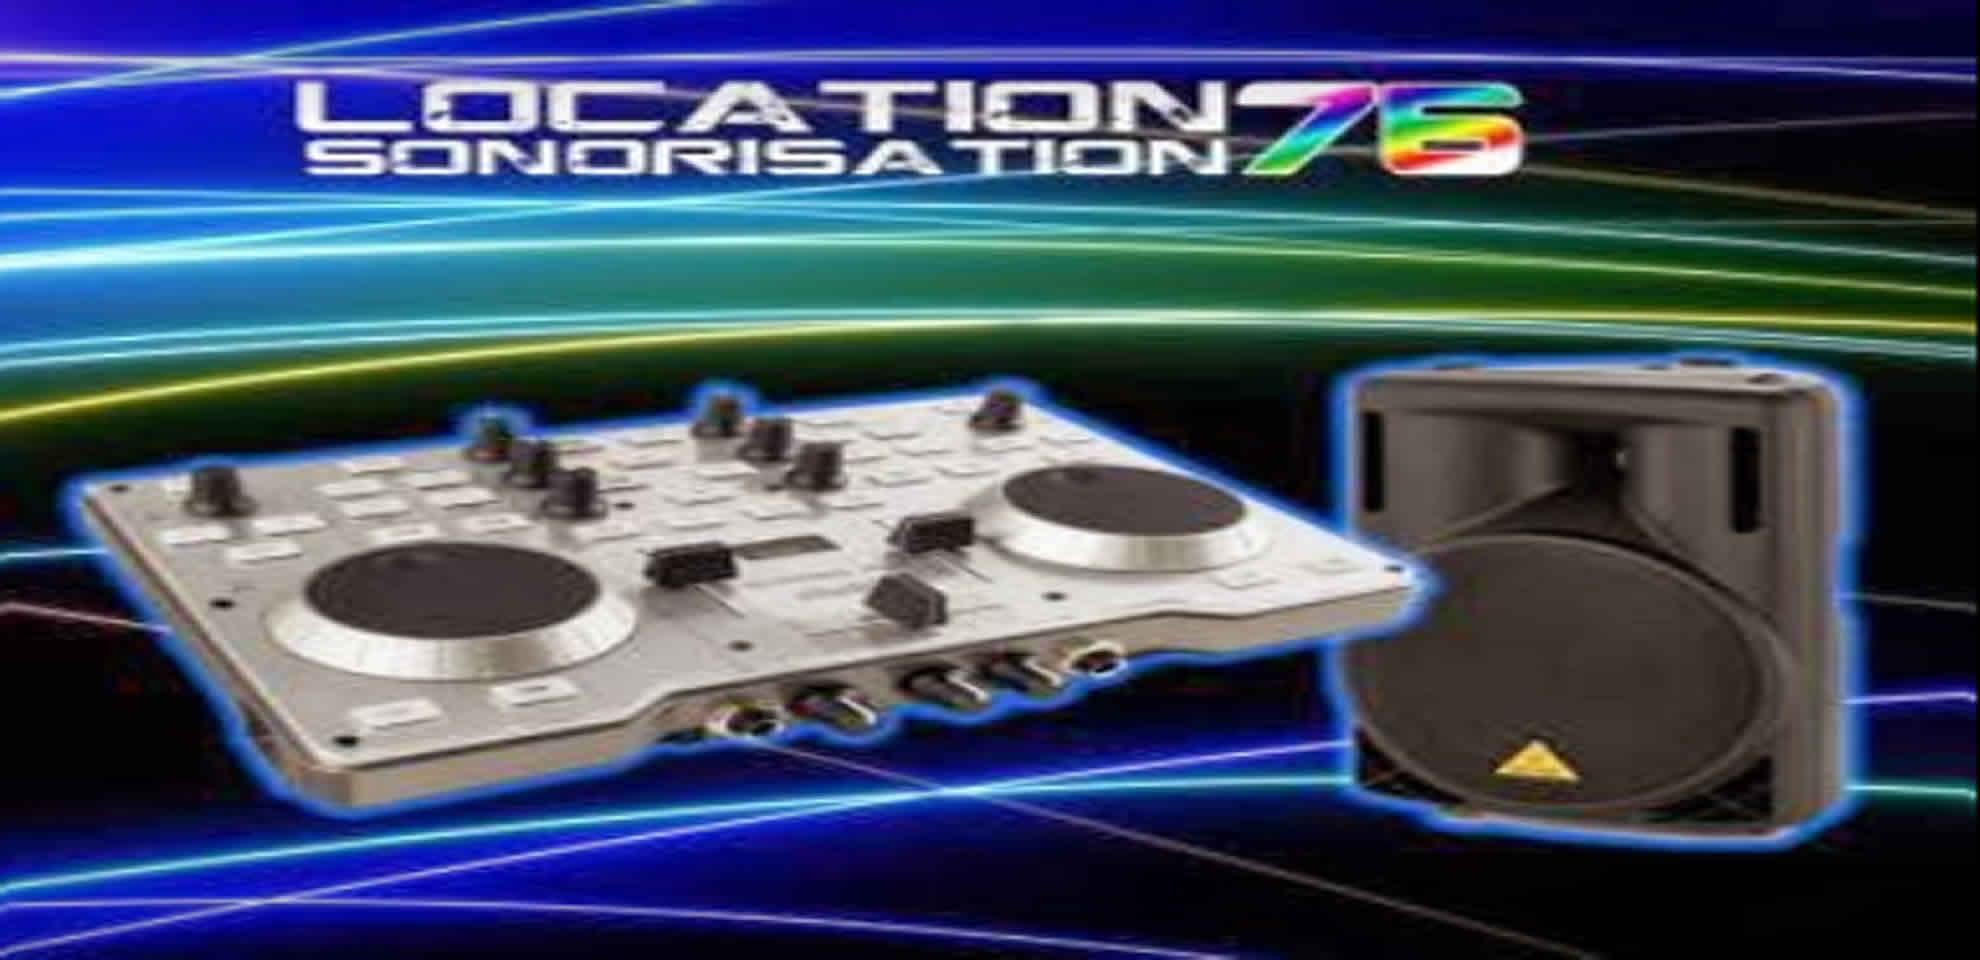 Sonolocation76 : Location de sonorisation automatique